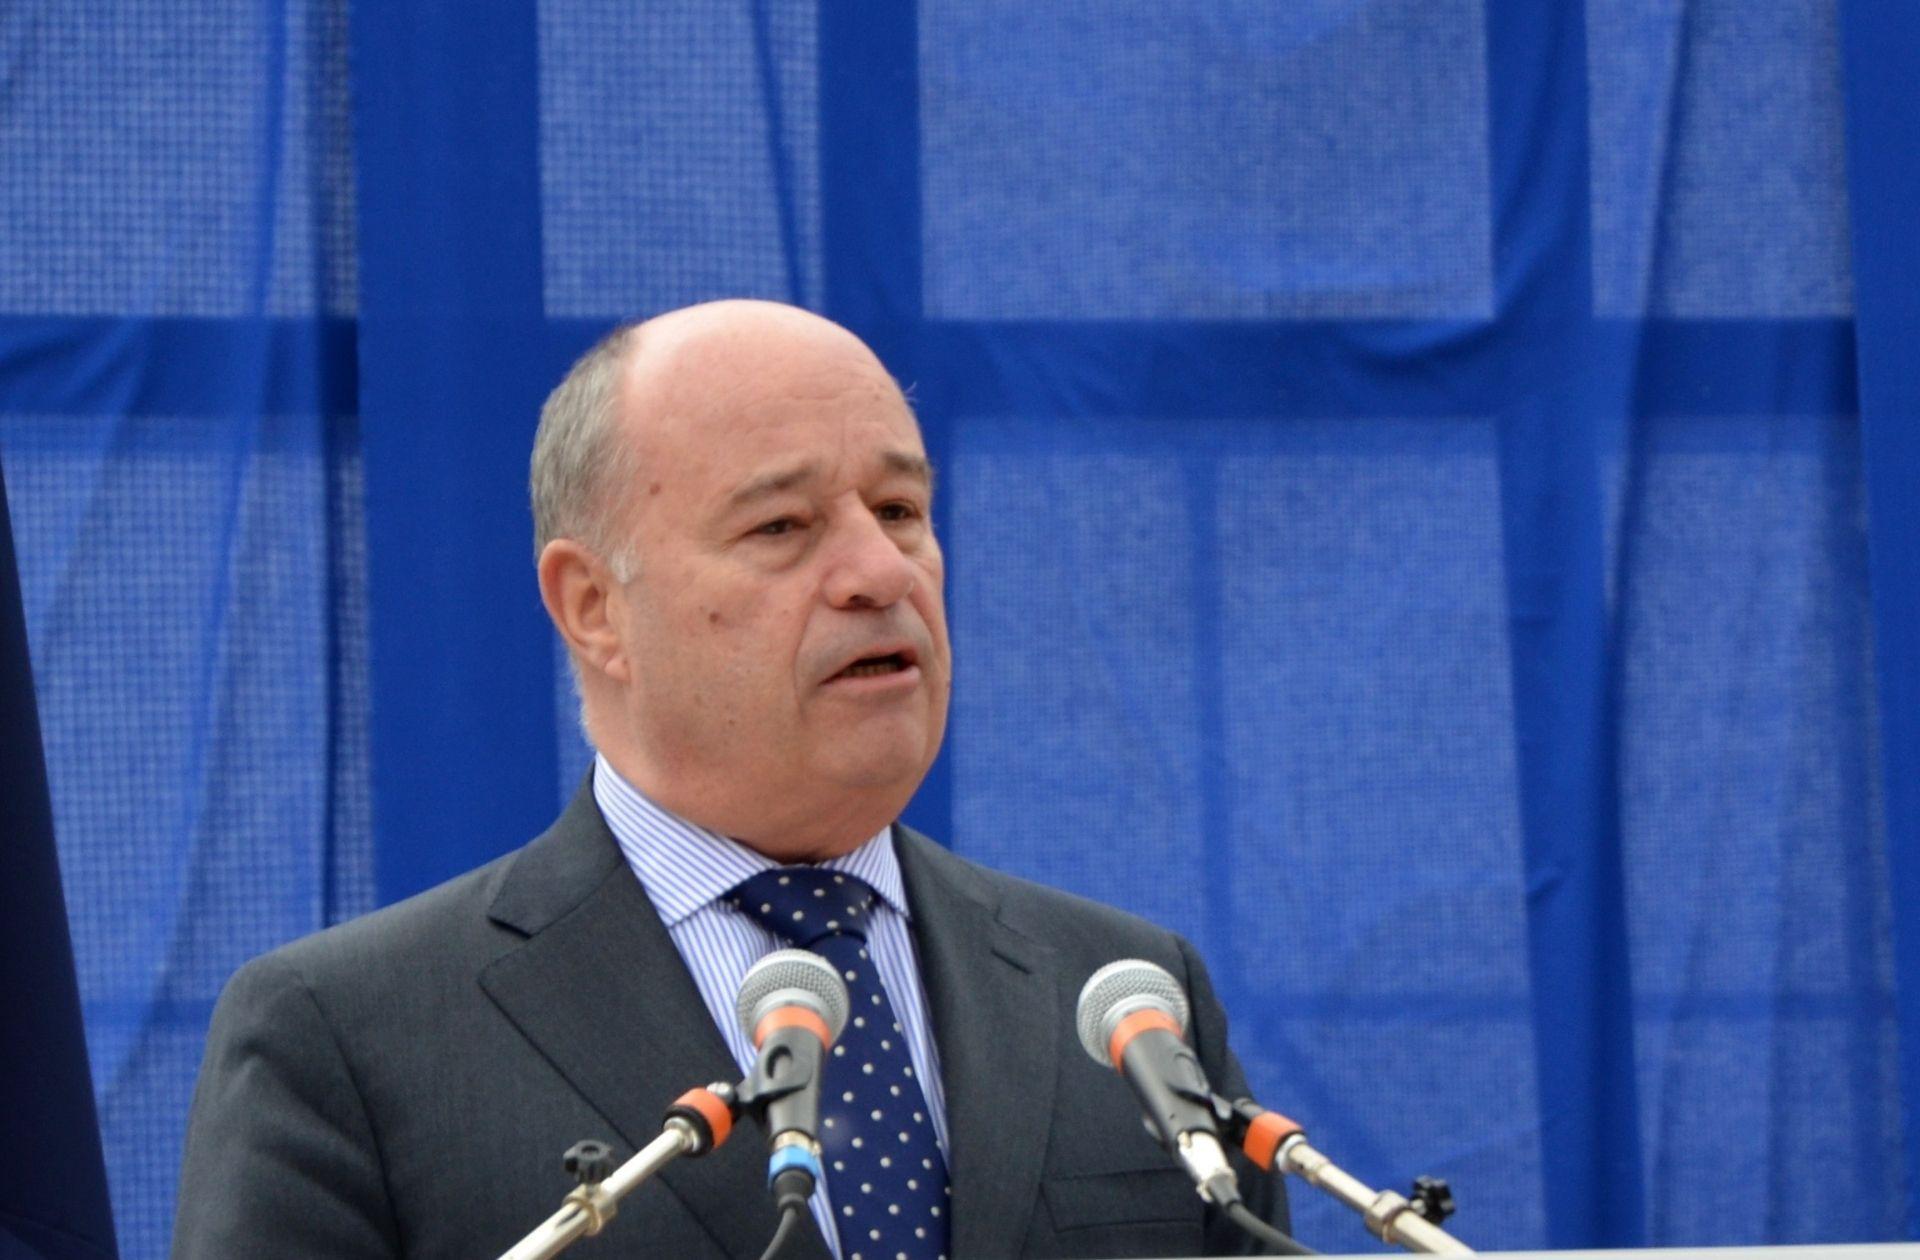 « Pas seulement un homme puissant, c'est un pédophile » : l'ancien ministre Jean-Michel Baylet est accusé de viols